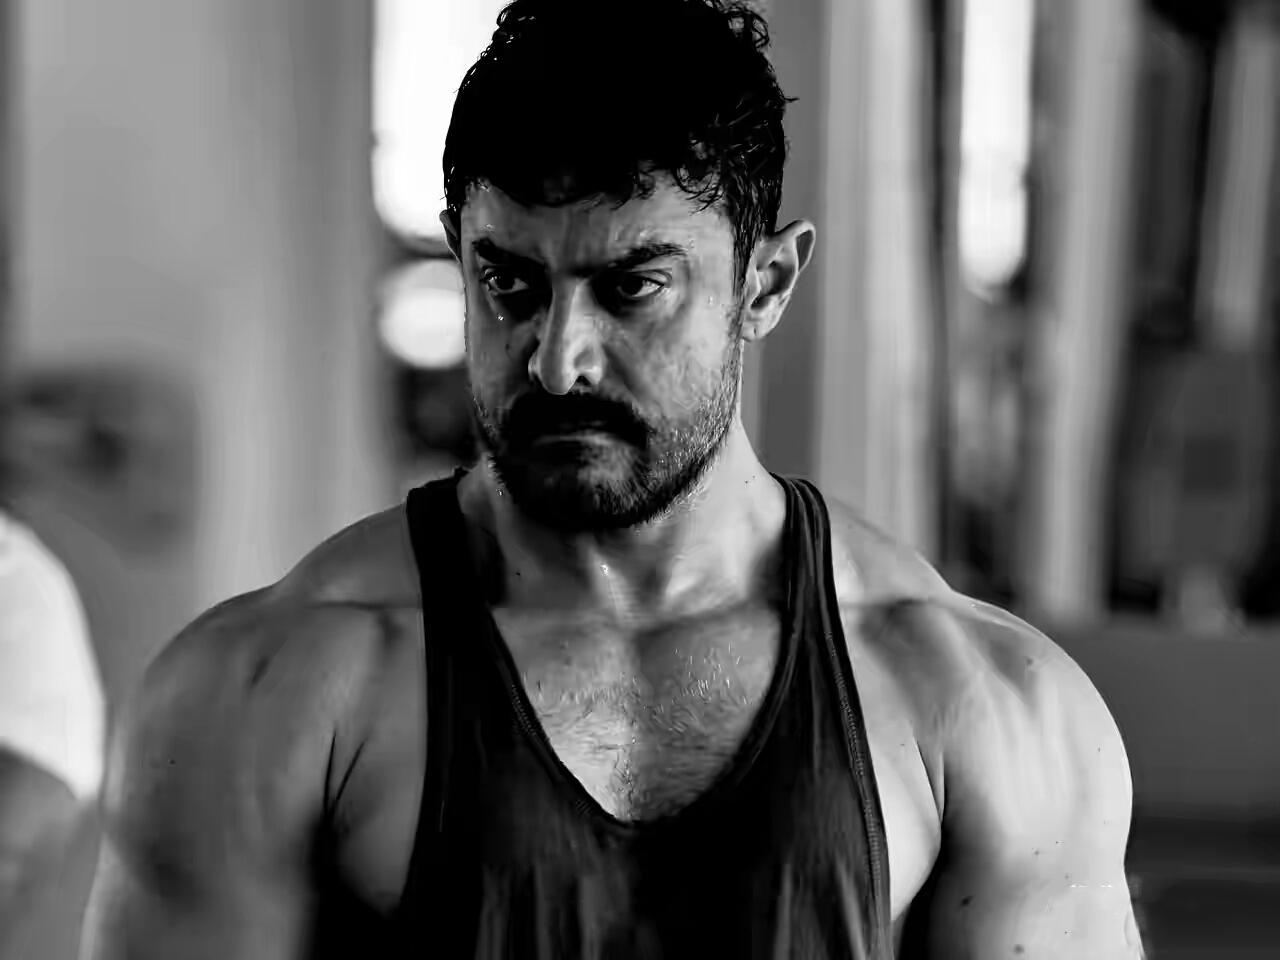 Aamir Khan Pic Download: Aamir Khan Wallpapers HD Download Free 1080p